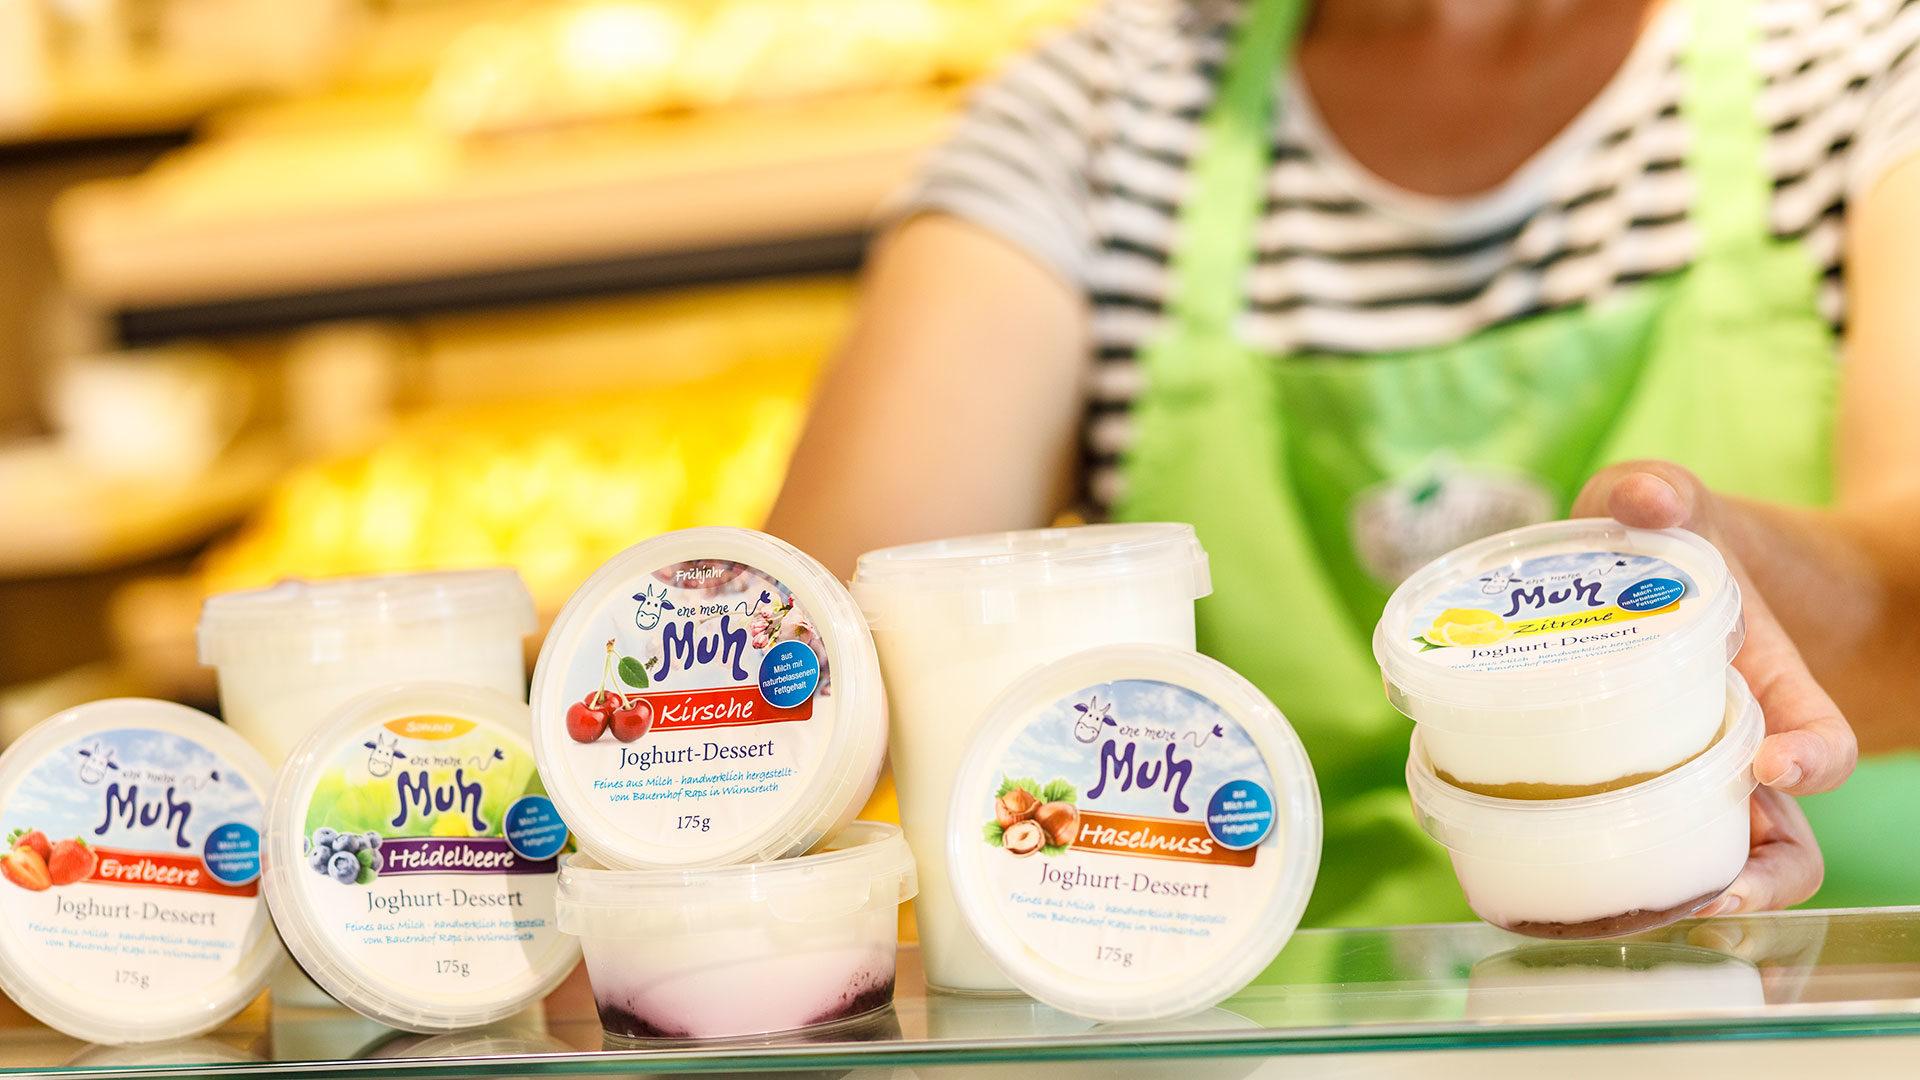 Joghurt Produkte auf der Verkaufstheke